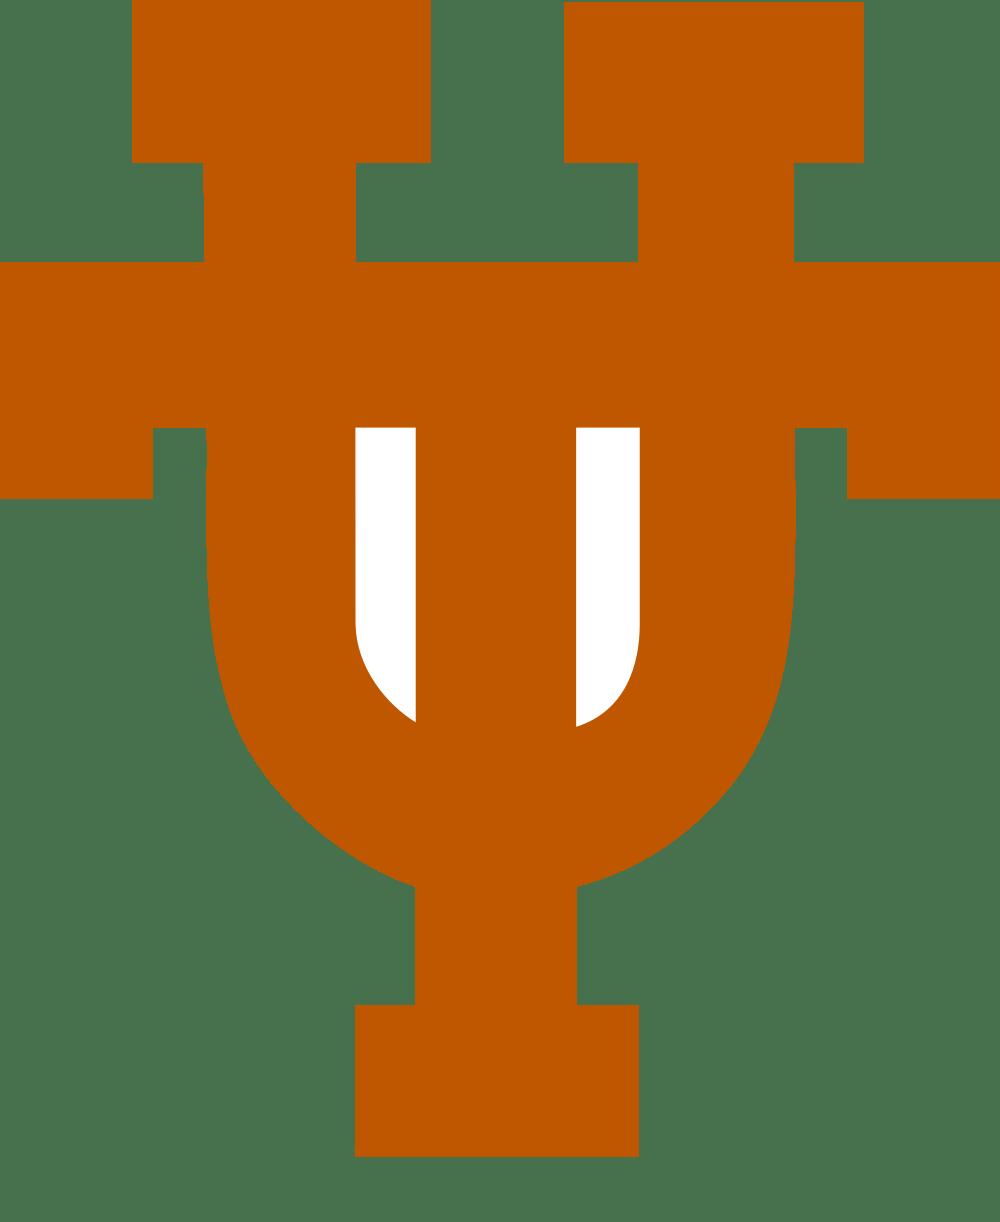 019 Utt Text Logo Svg Ssl1 Essay Example Apply Texas Topic Frightening C Examples Full